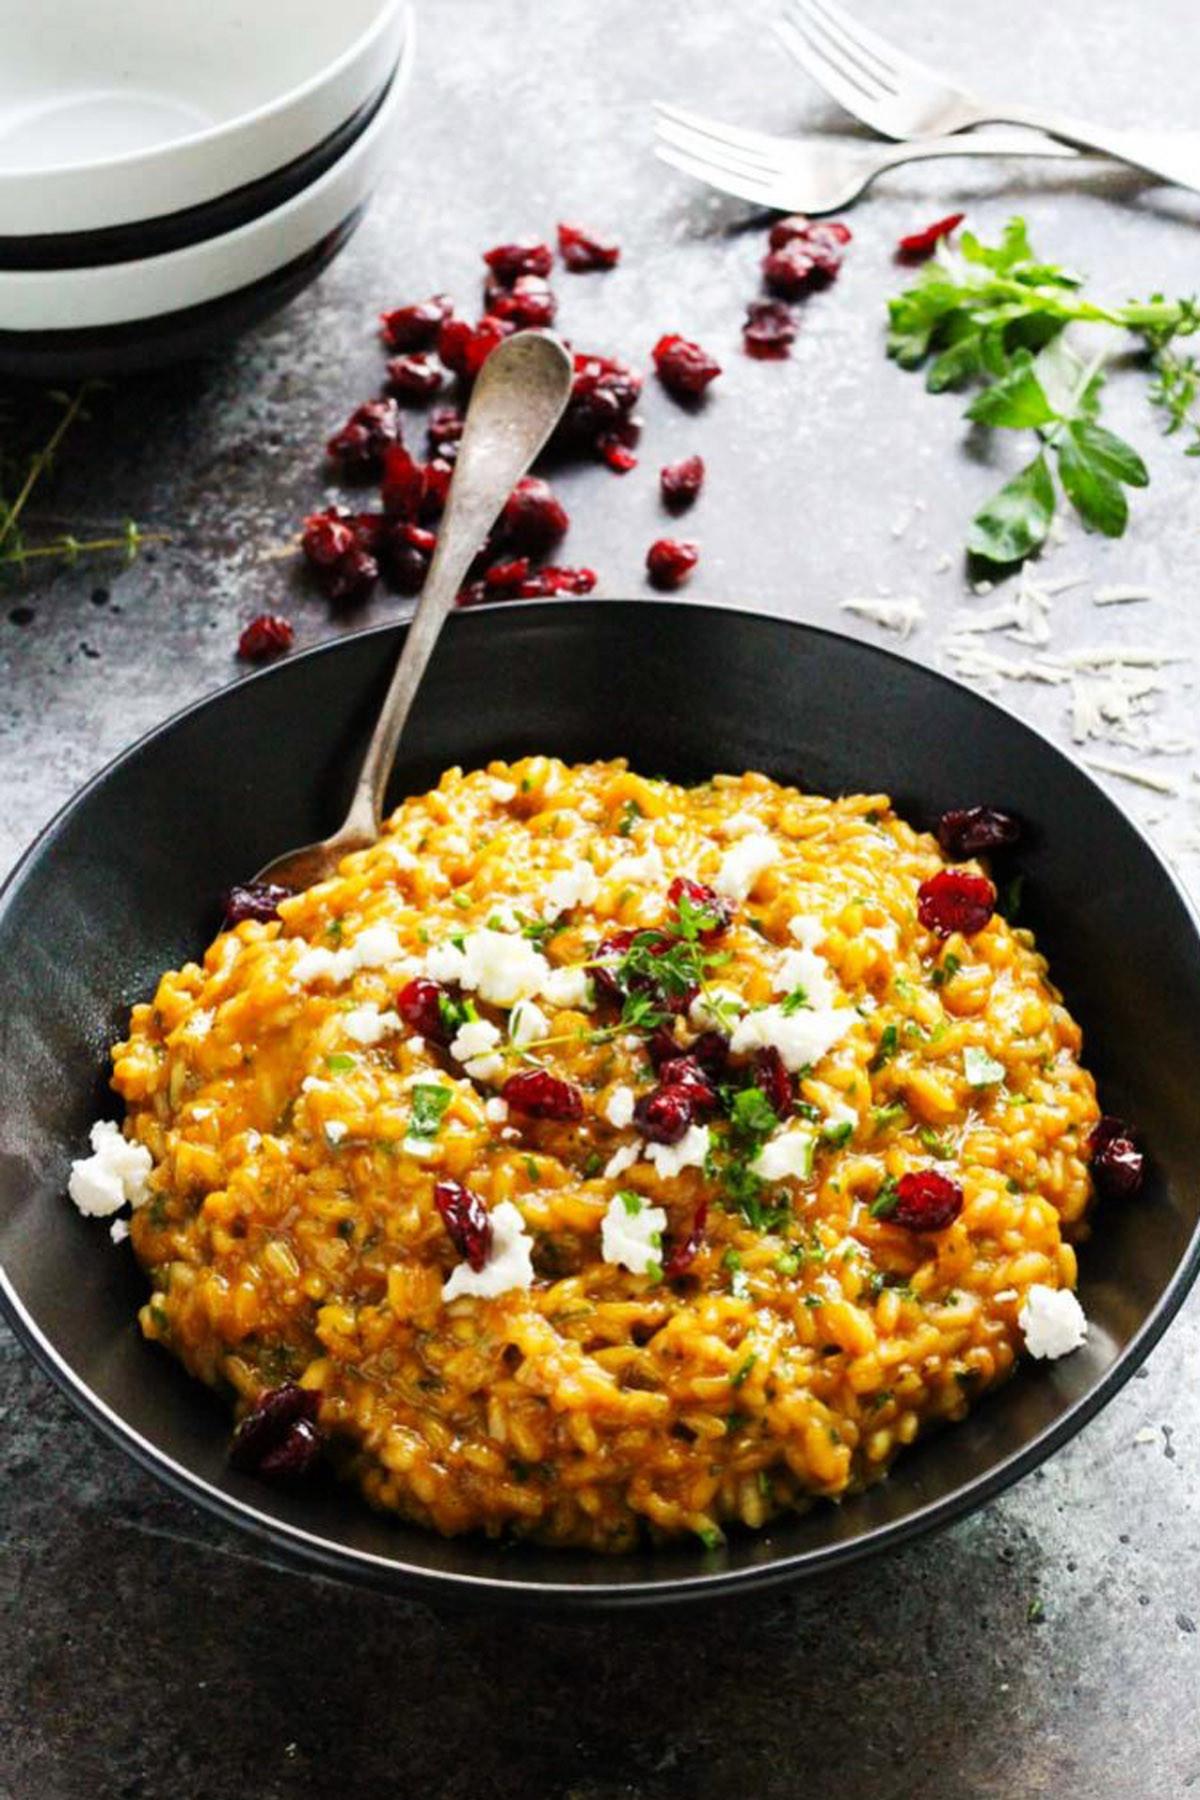 Easy Fall Dinner Recipes  25 Easy Fall Dinner Ideas Best Dinner Recipes for Autumn